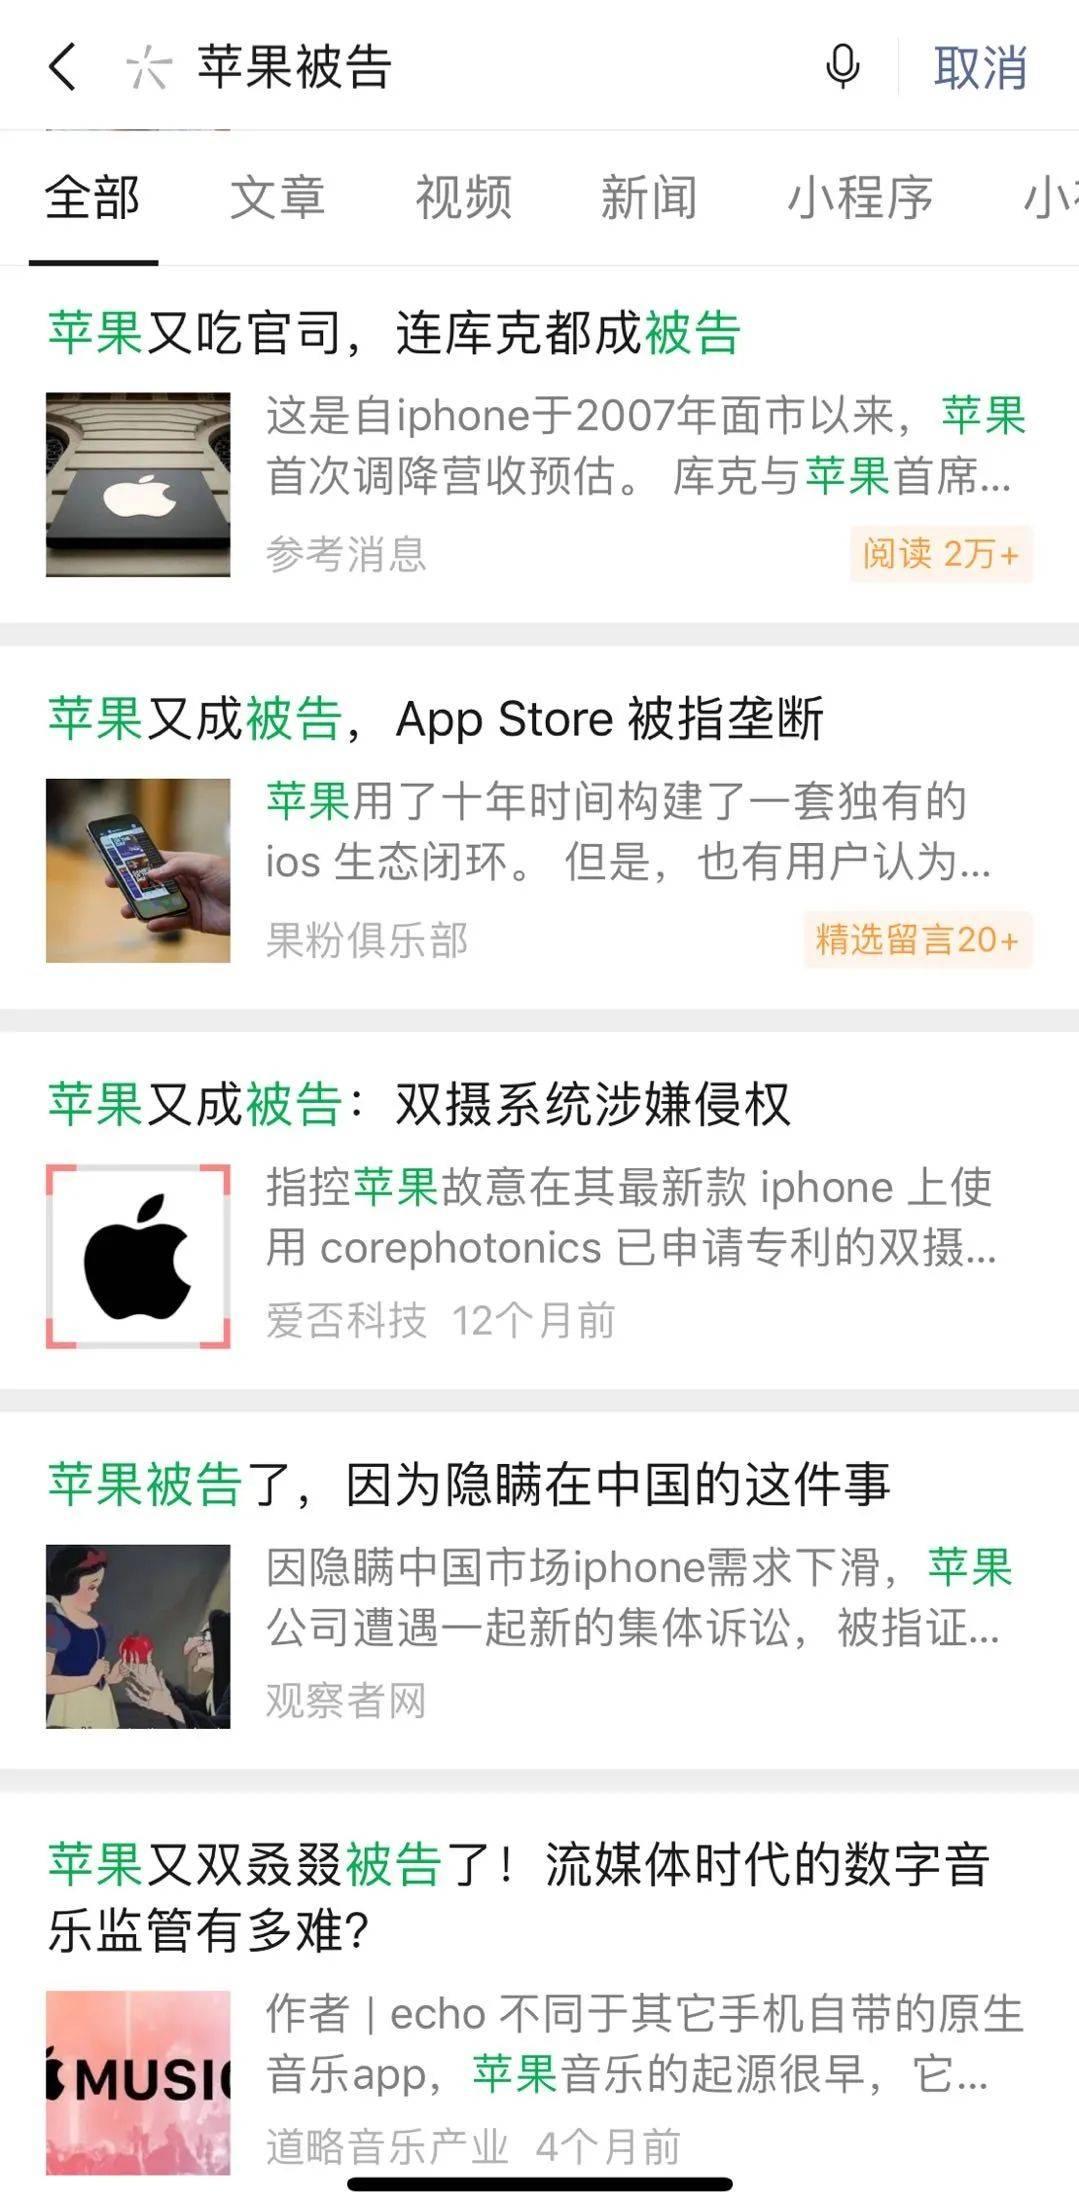 苹果又被告了,Siri可能会被停用?